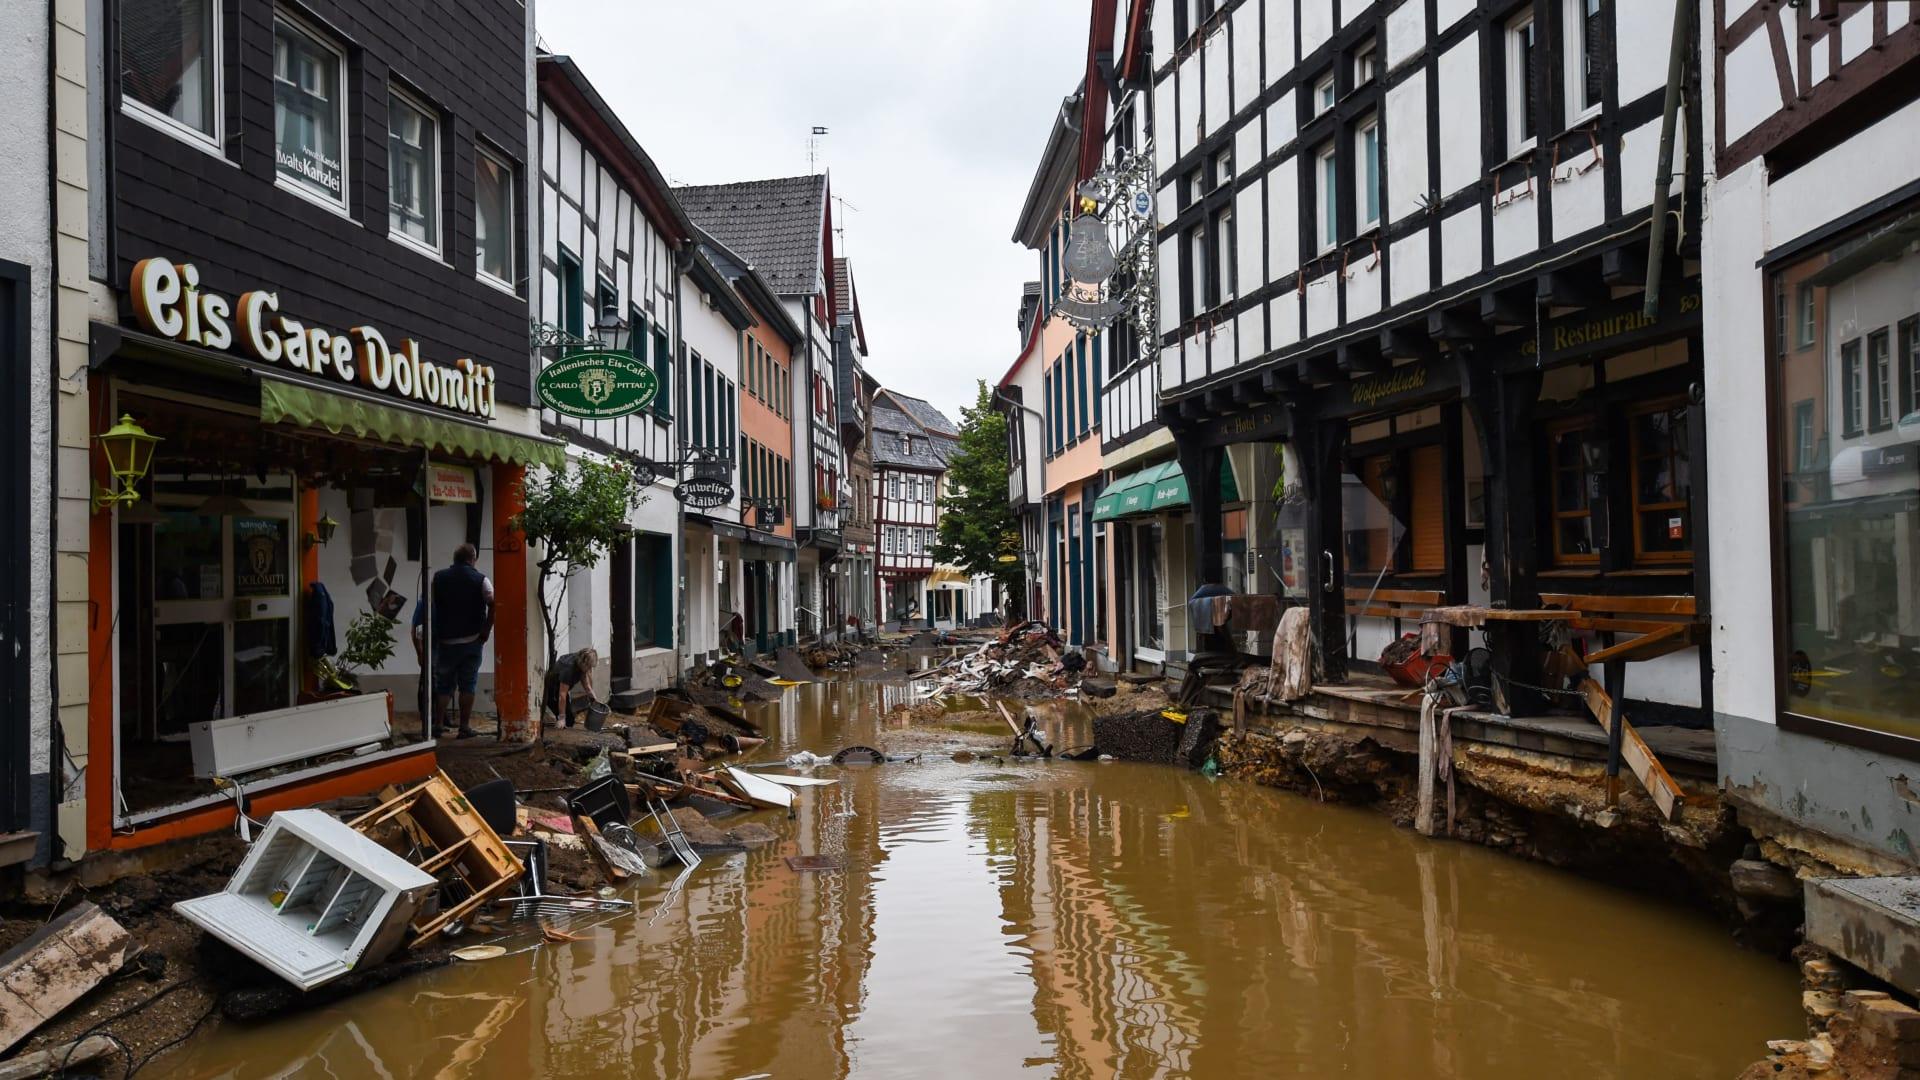 اتحادات كرة القدم الألمانية تتعهد بتقديم 3.5 مليون دولار لمساعدة ضحايا الفيضانات